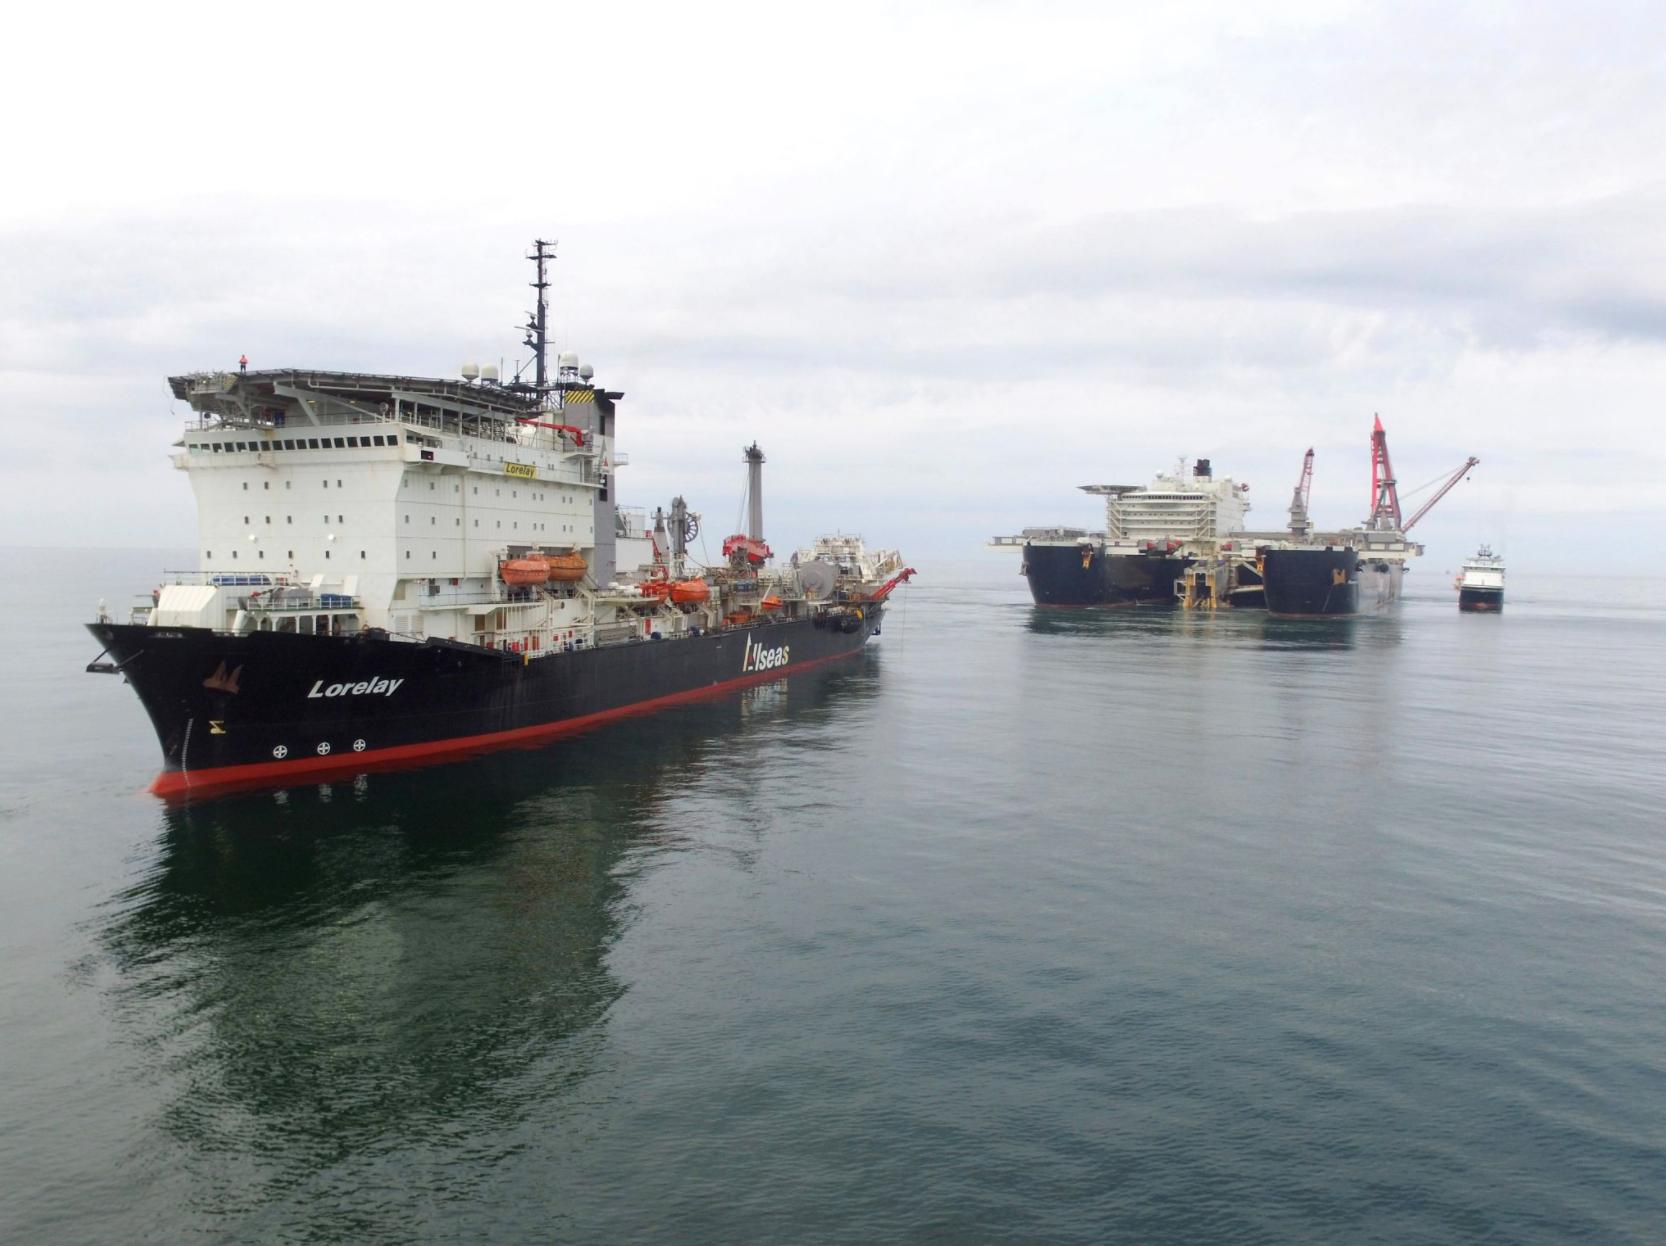 De Lorelay en Pioneering Spirit voor de kust van Denemarken. Foto: Allseas